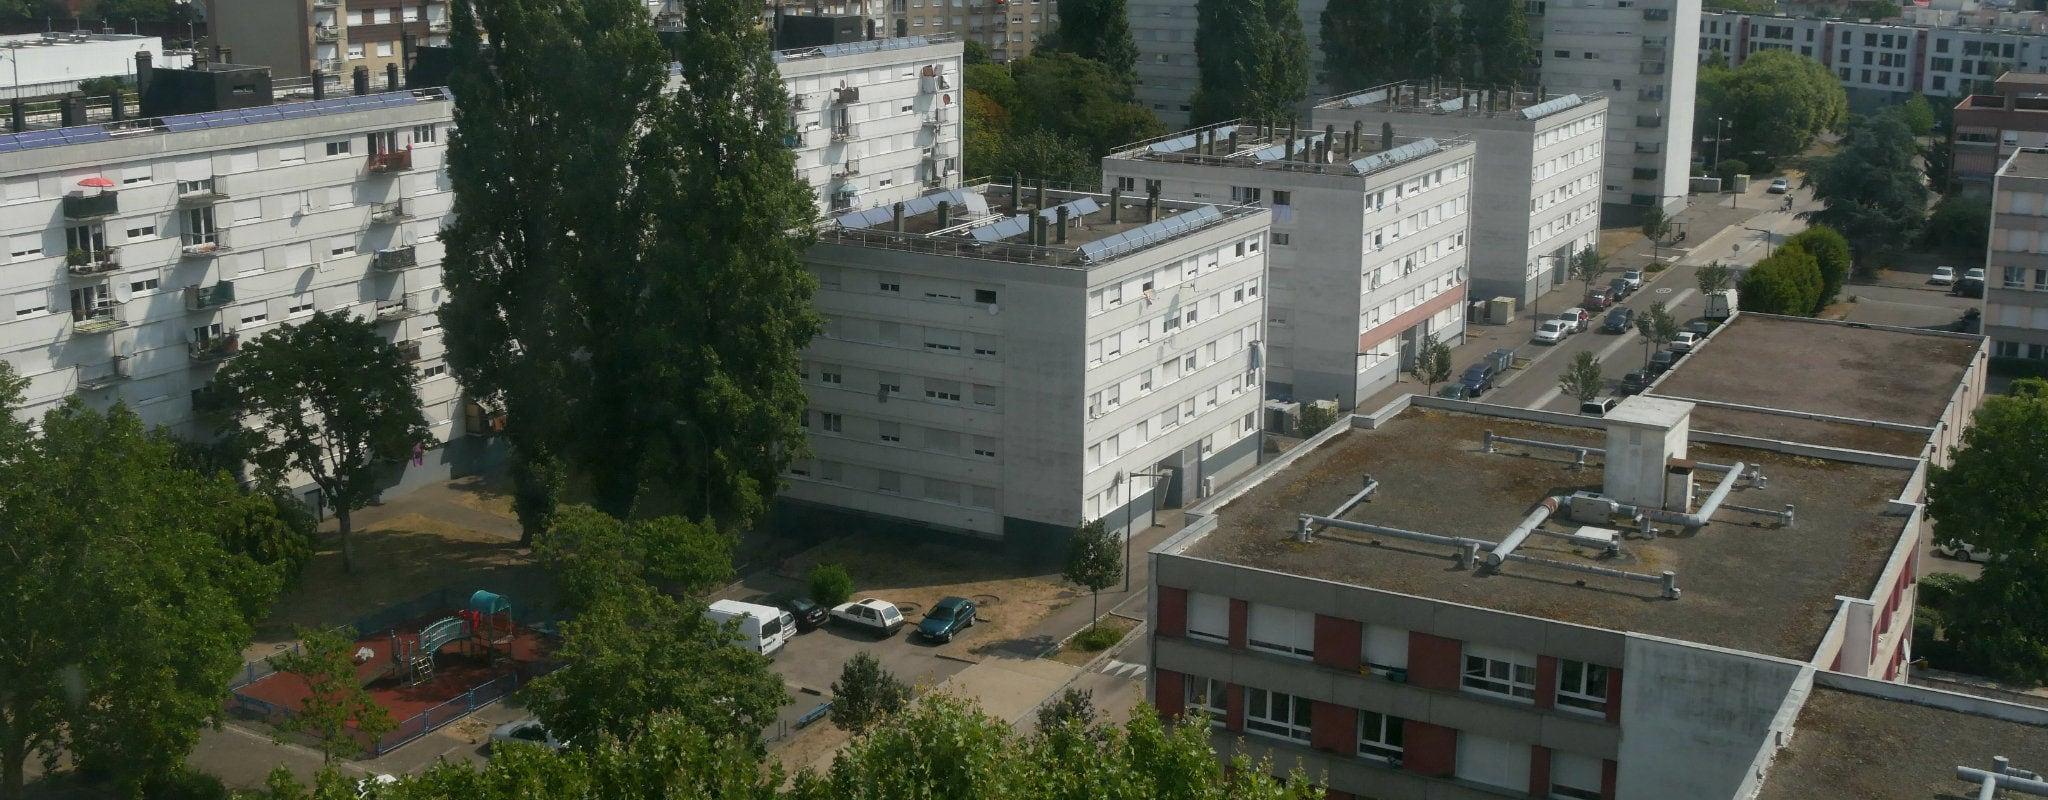 À l'Elsau, l'asso des habitants s'exclut des débats sur la rénovation du quartier